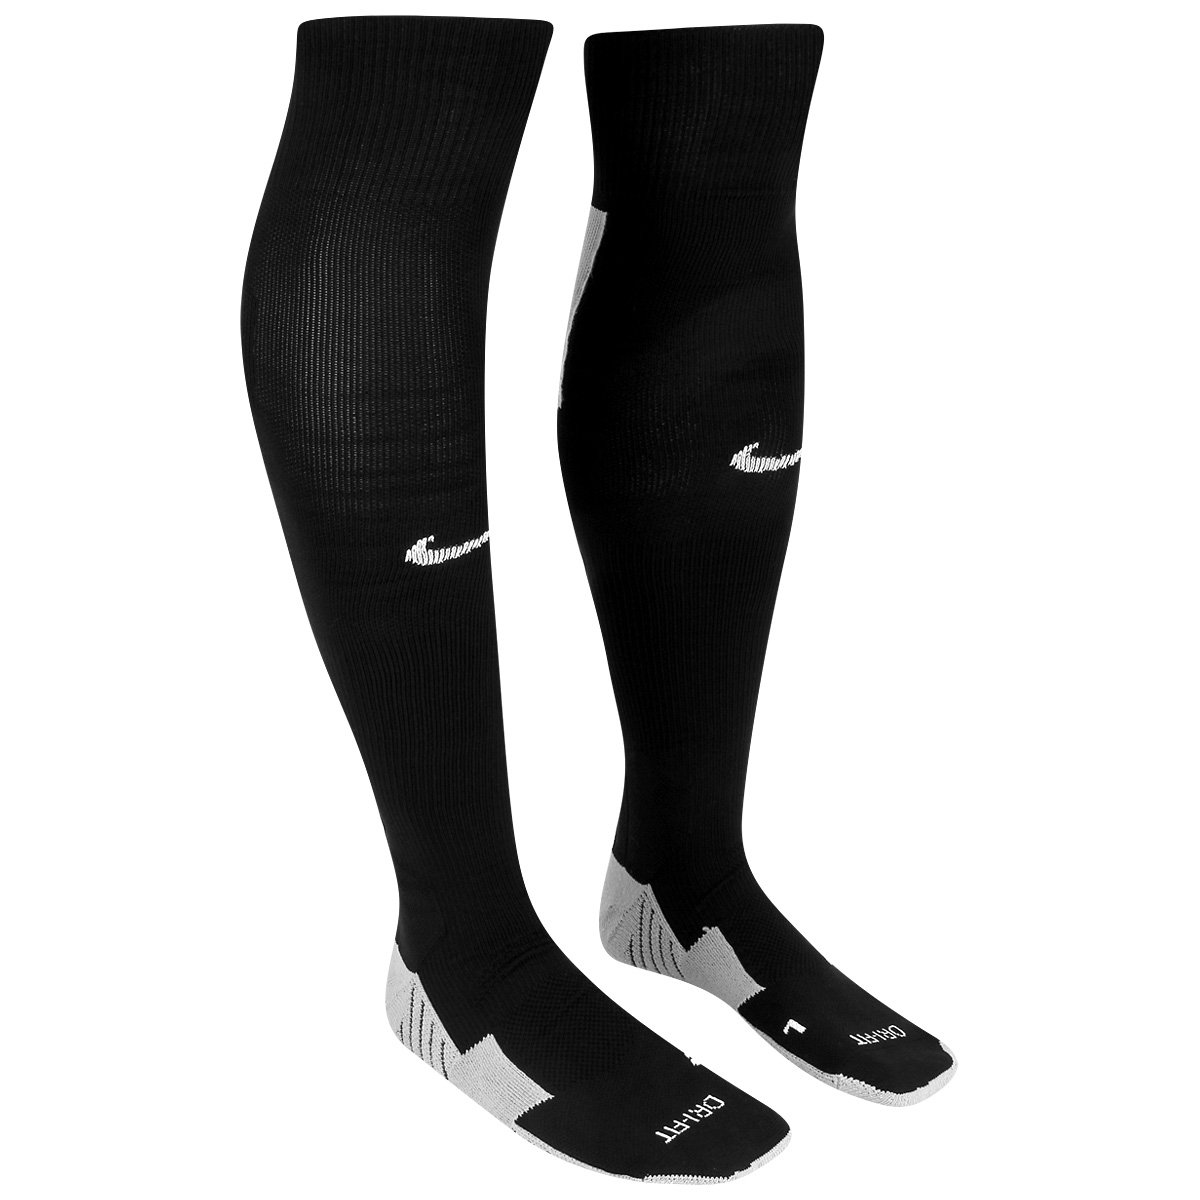 Meião Nike Max Fit Football OTC - Compre Agora  d64e036efffb5